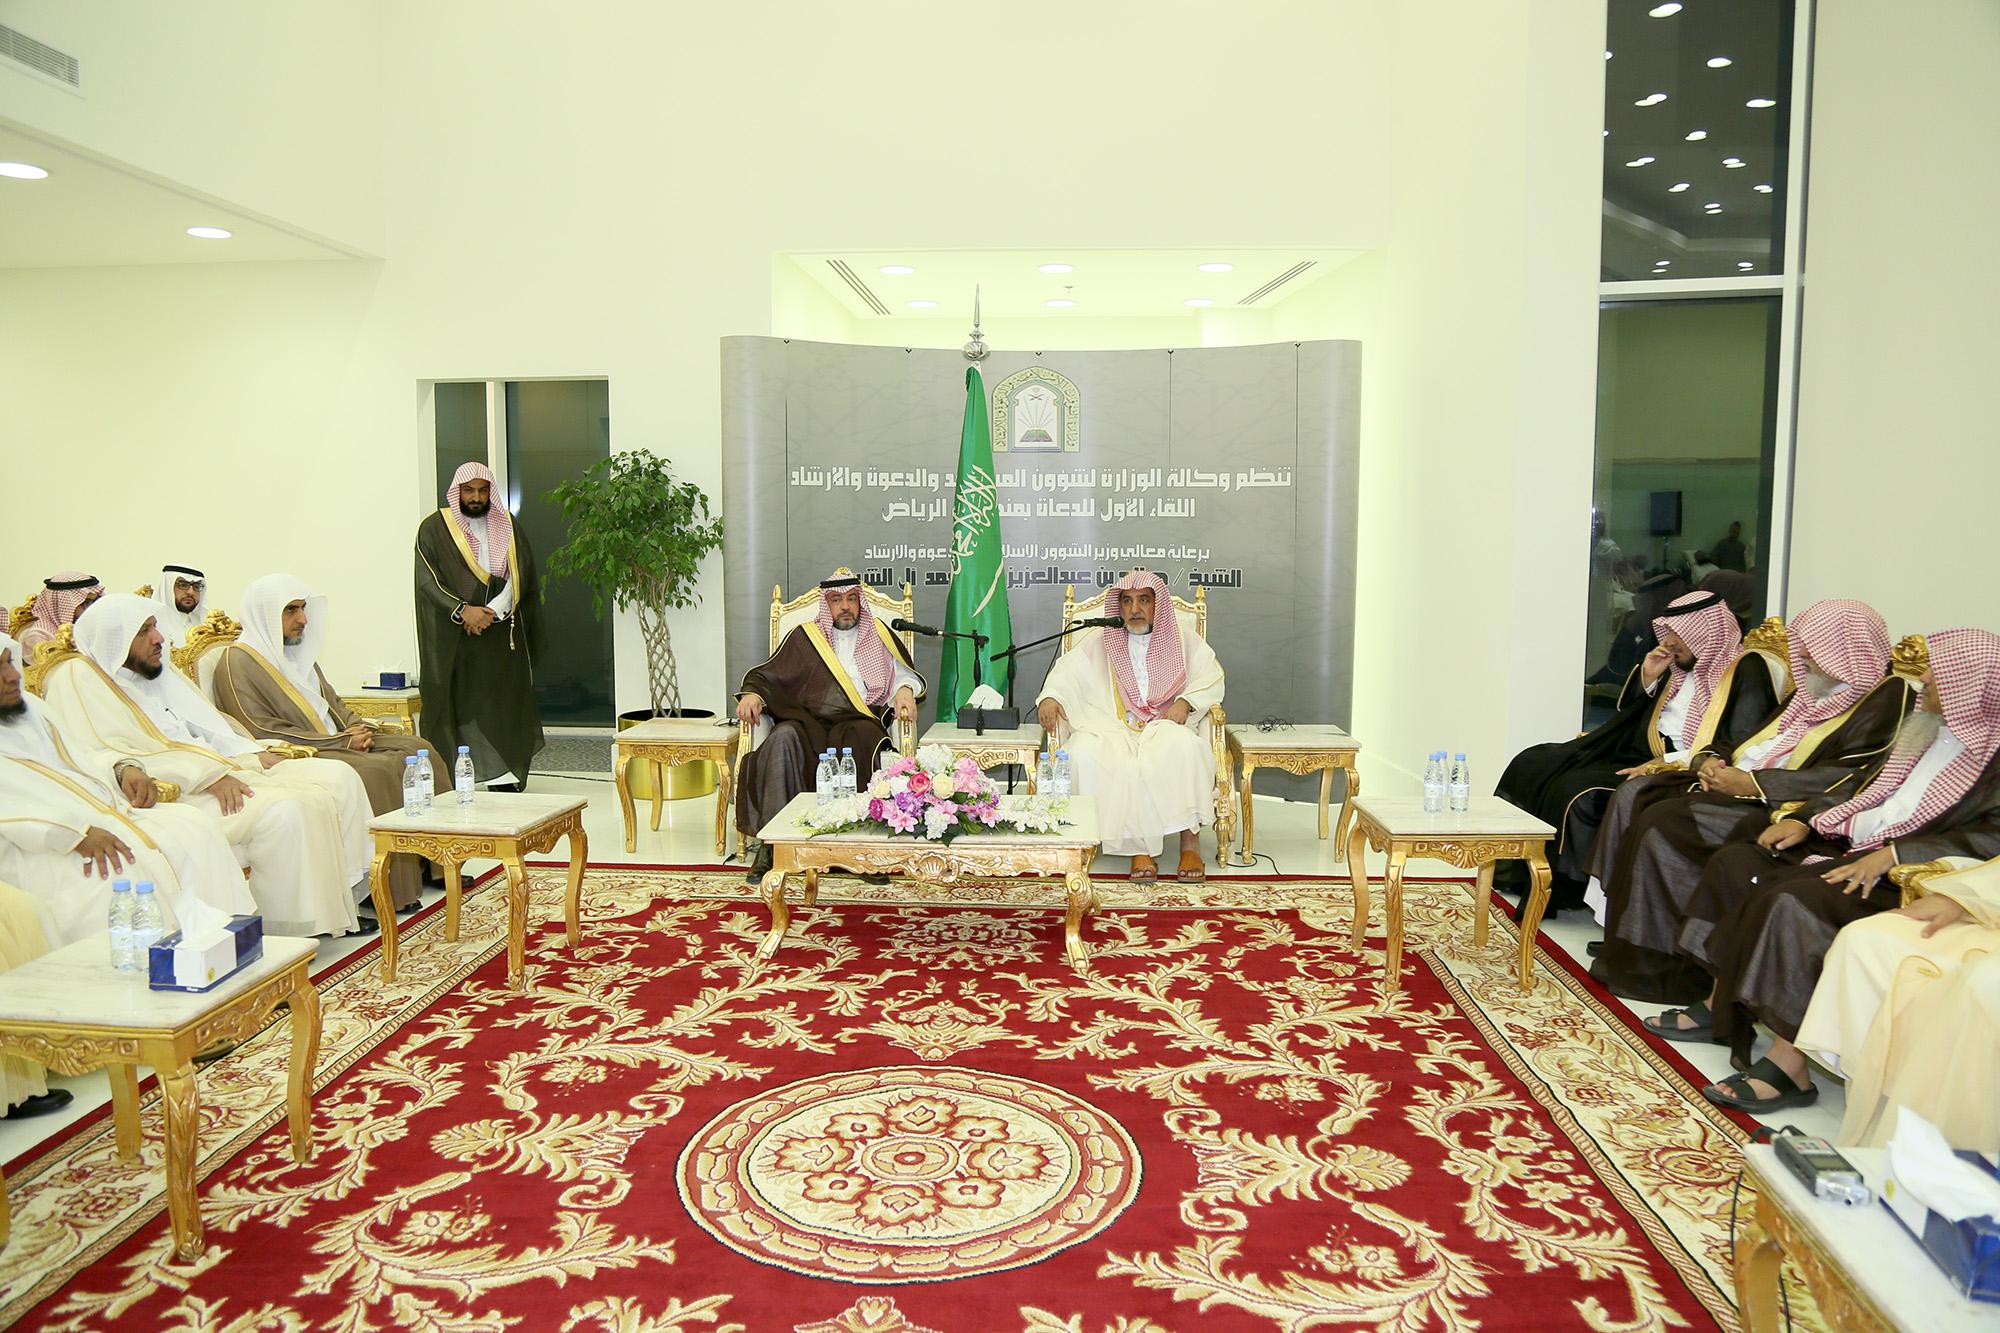 صور لقاء وزير الشؤون الإسلامية بالدعاة 4